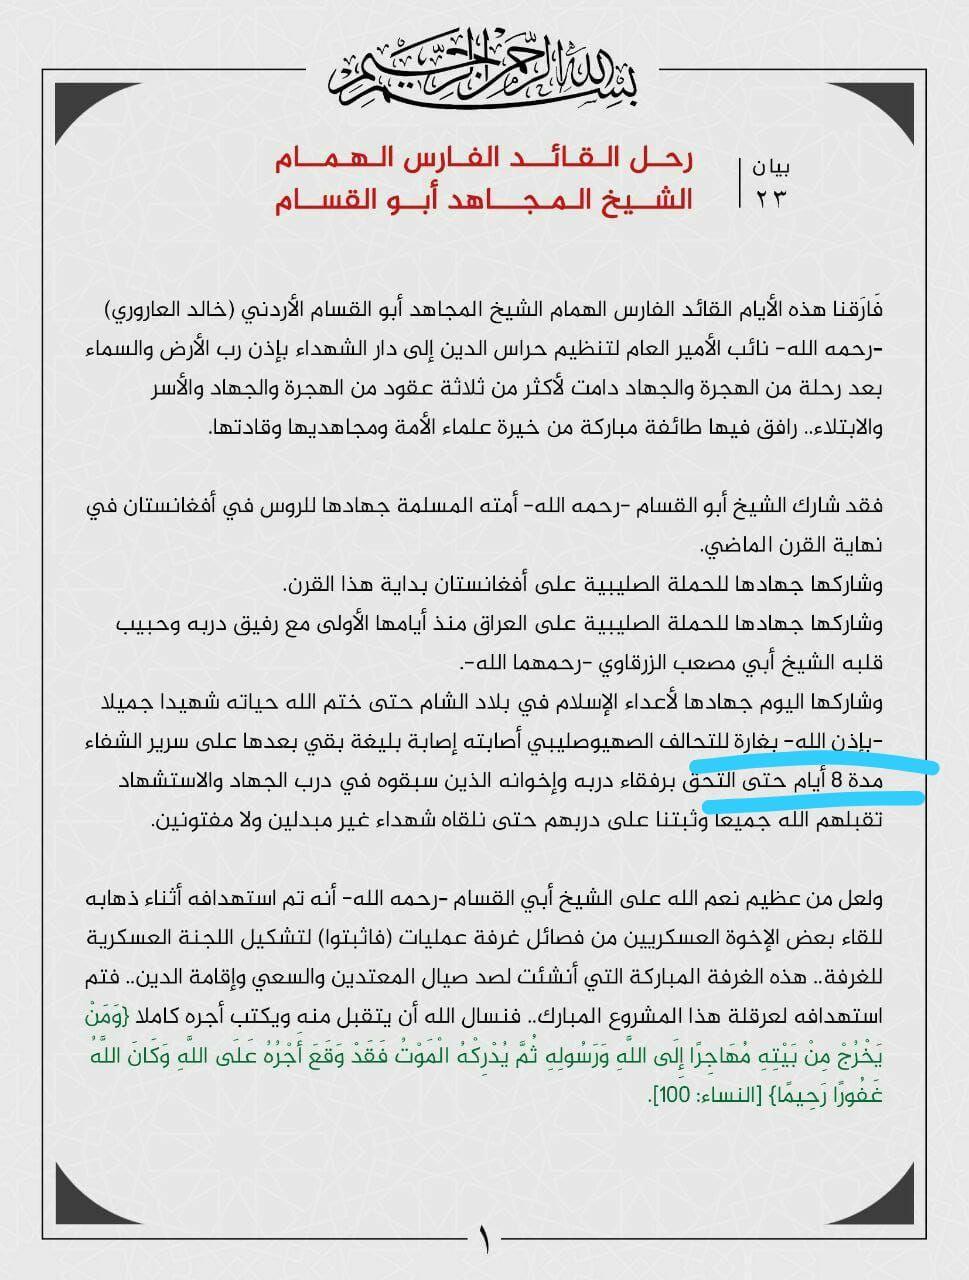 """بيان لتنظيم """"حراس الدين"""" ينعي فيه نائب قائده العام - 24\06\2020"""